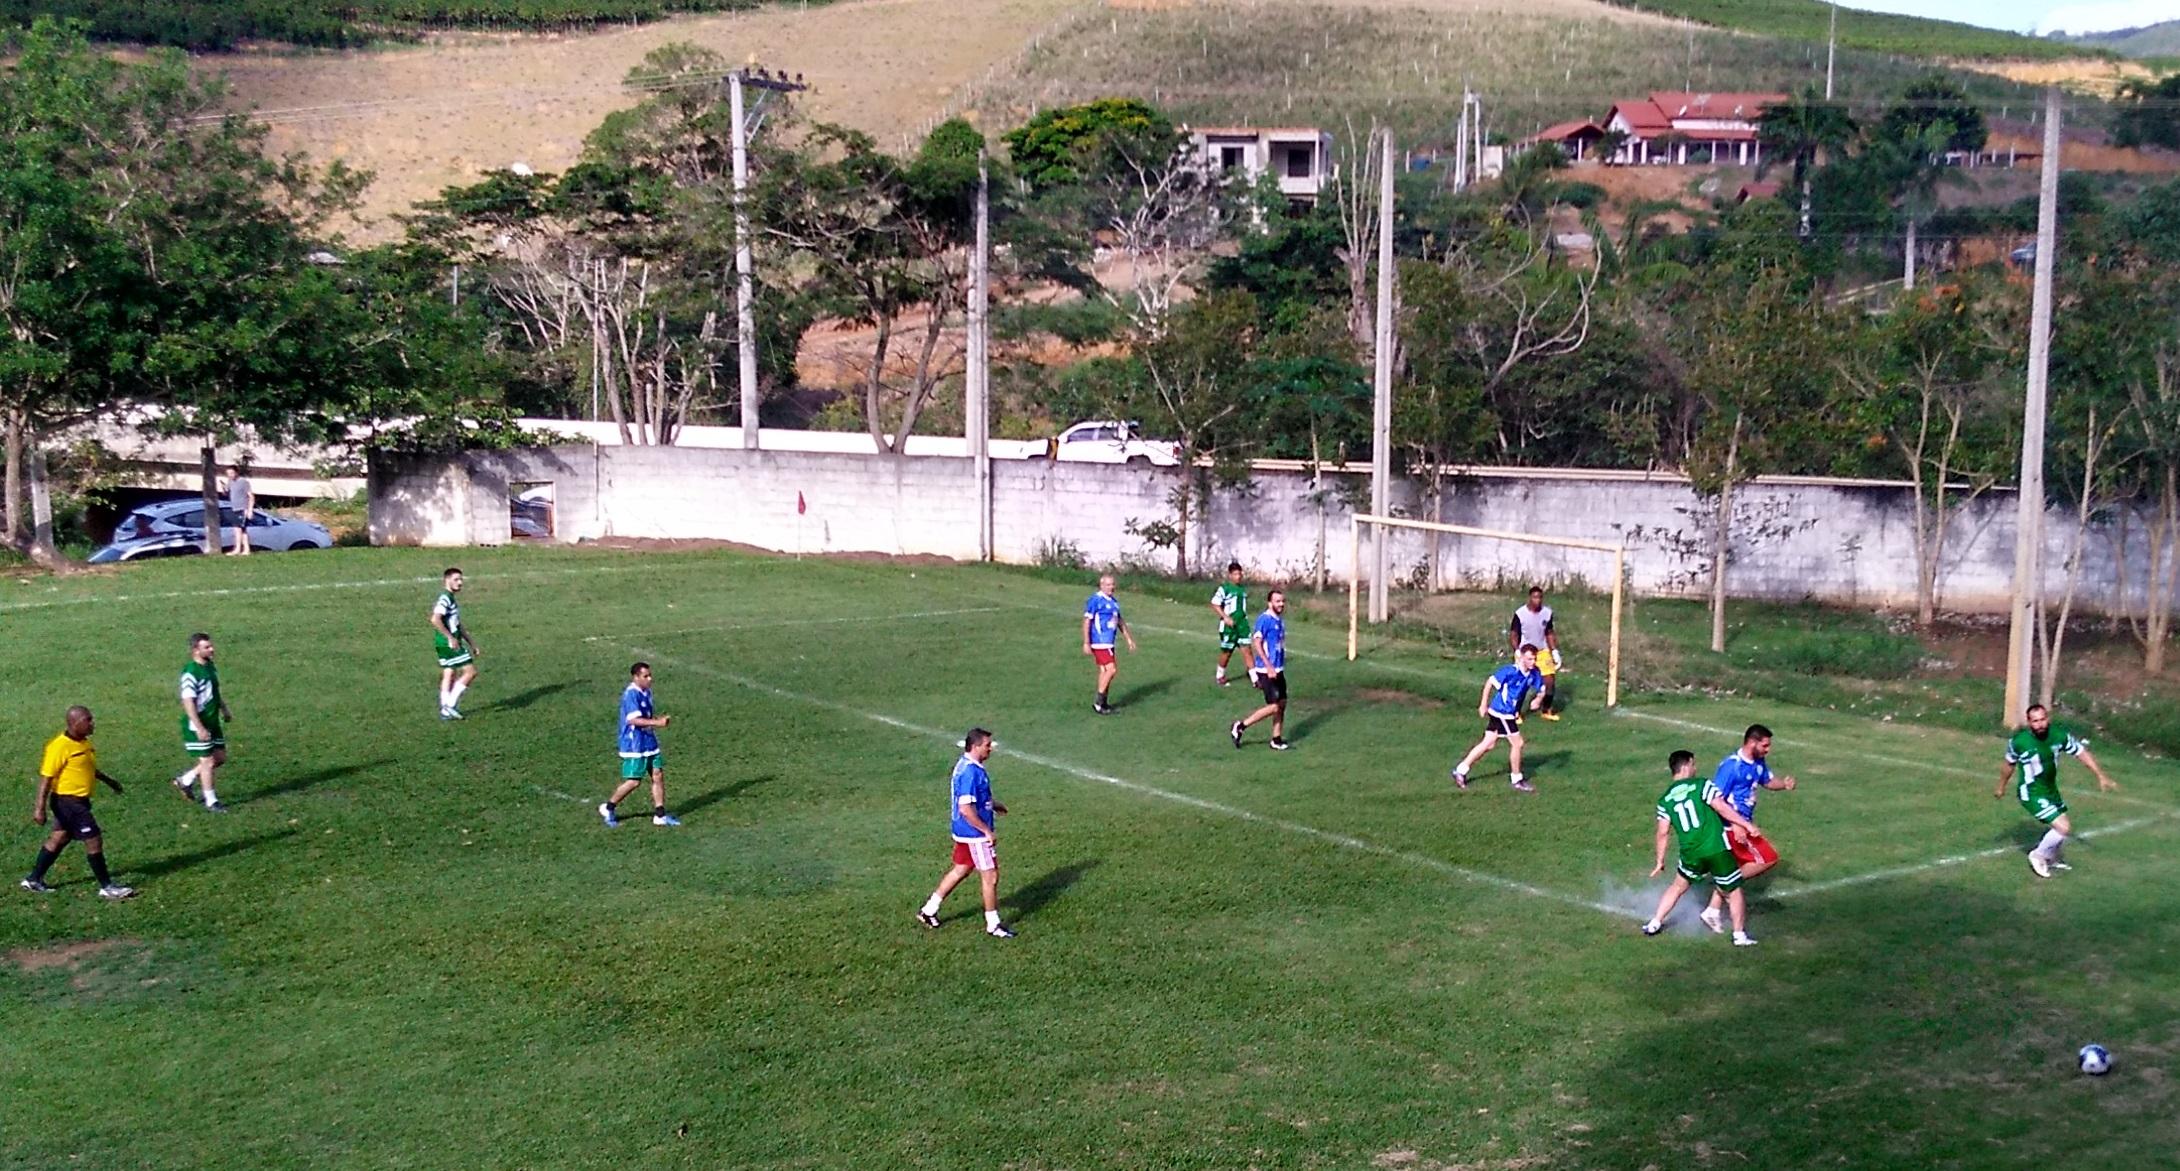 Copa Noticiário Web começa com excelente público no Clube Lago das Palmeiras